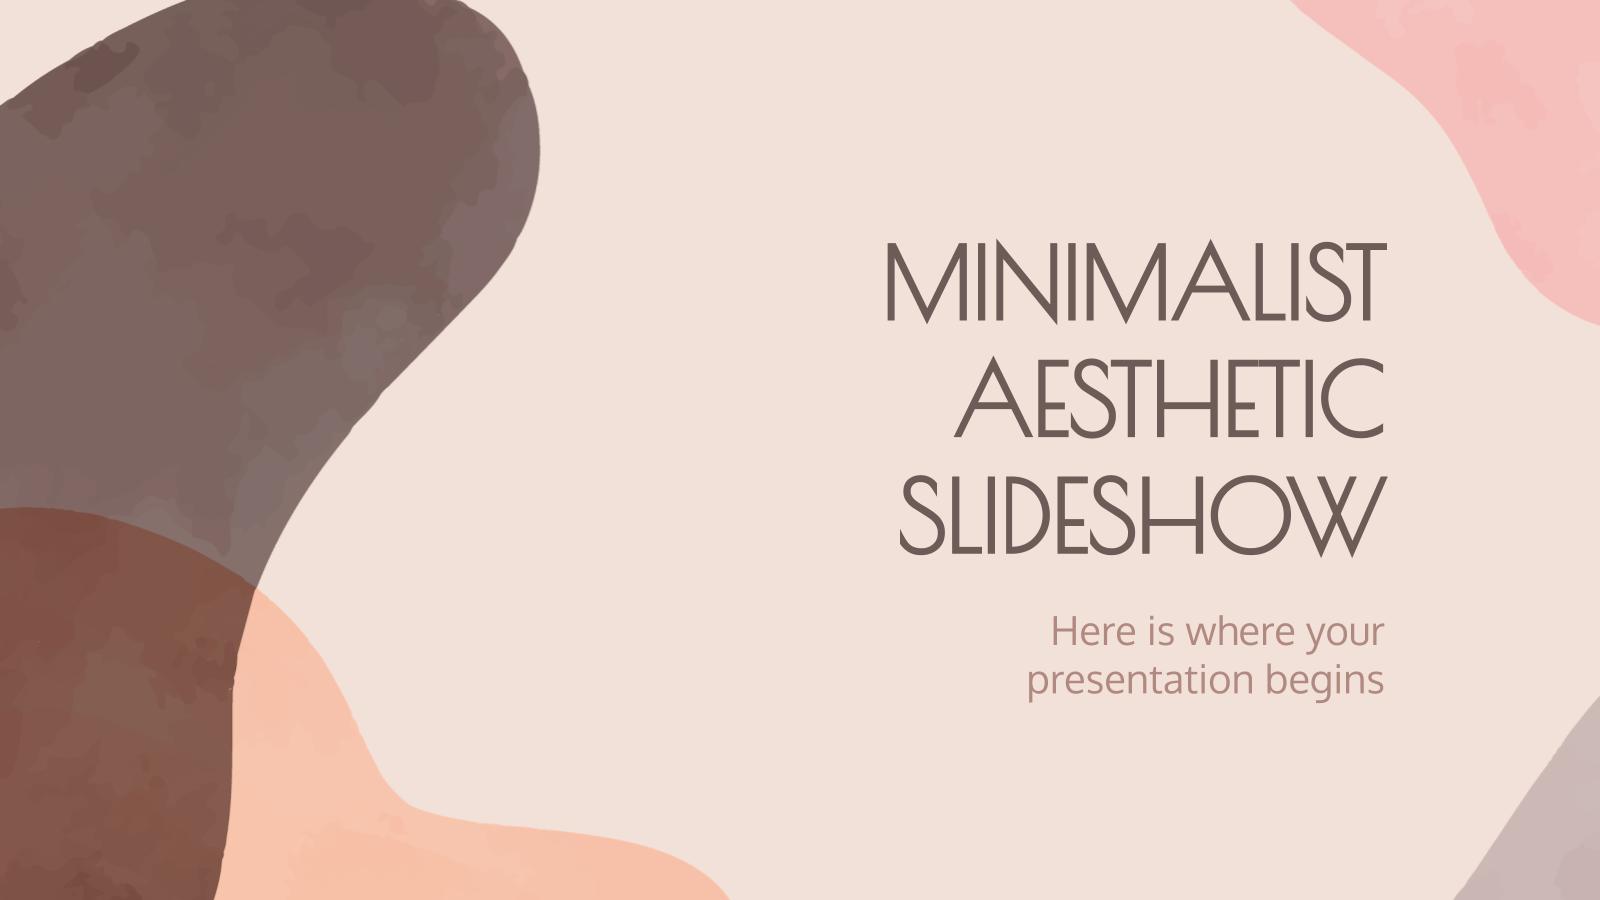 Diaporama esthétique minimaliste : Modèles de présentation